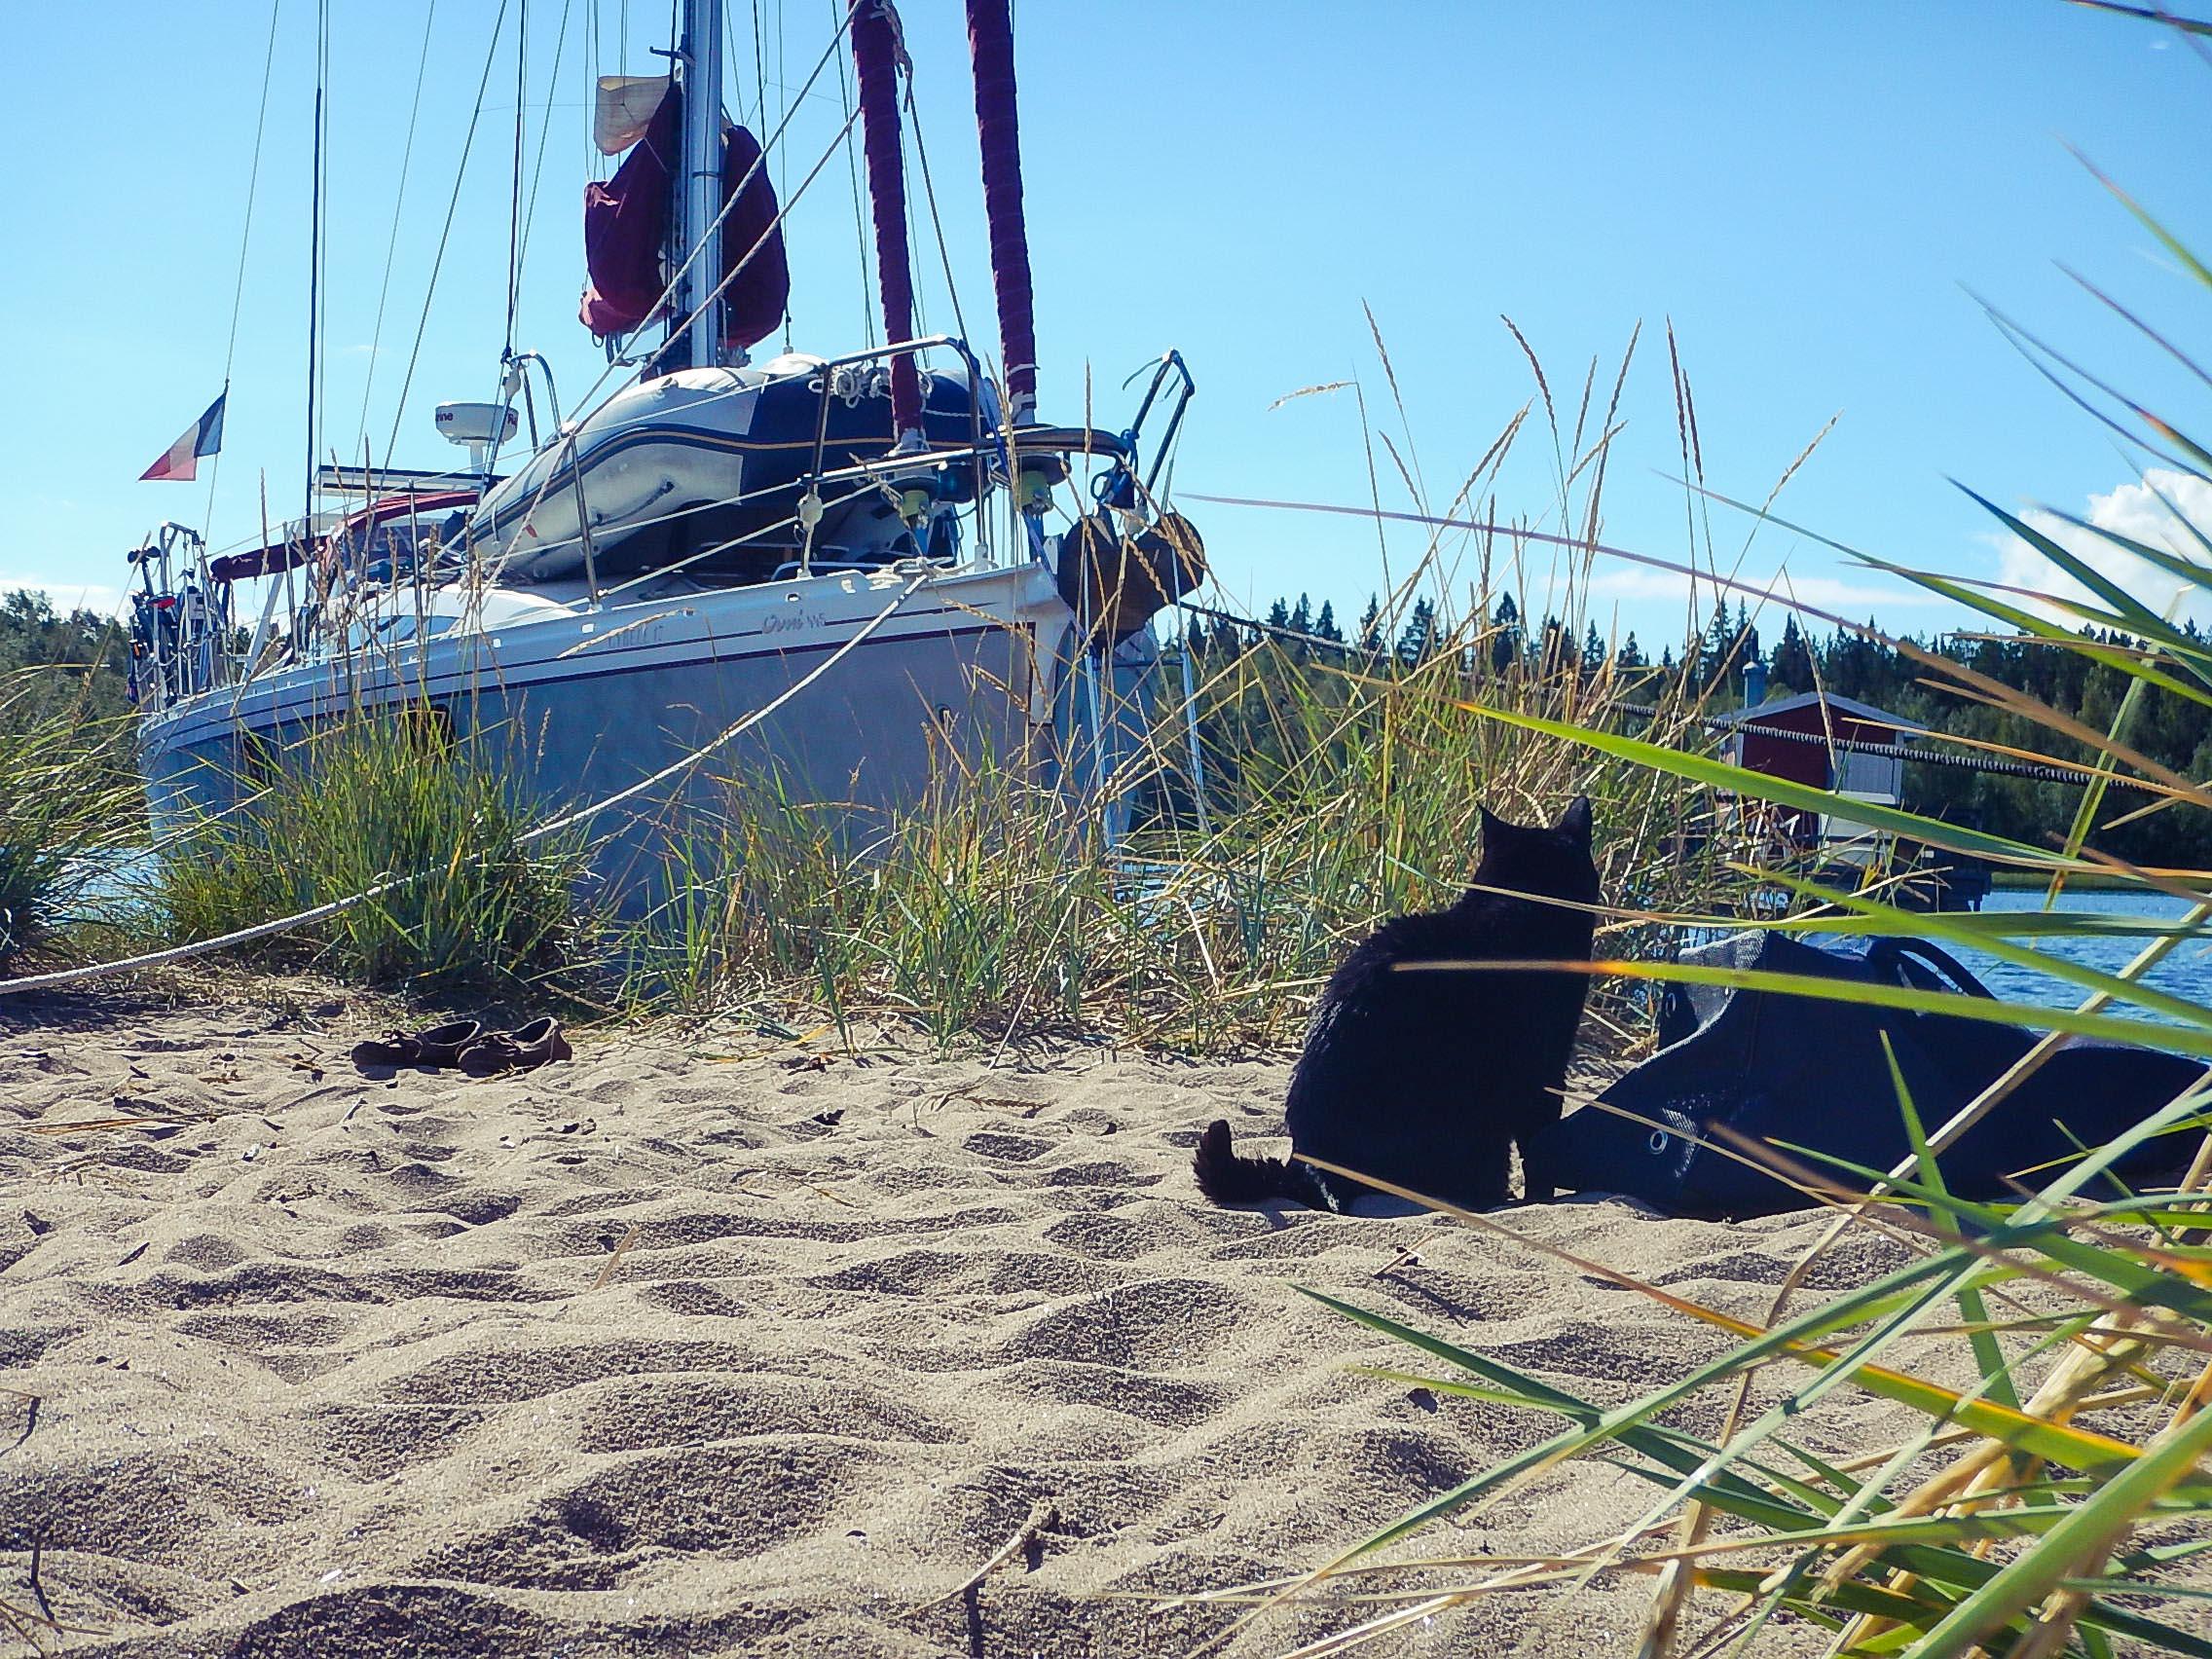 Pirate on the beach at Seskarö. Photo by:François & Valérie